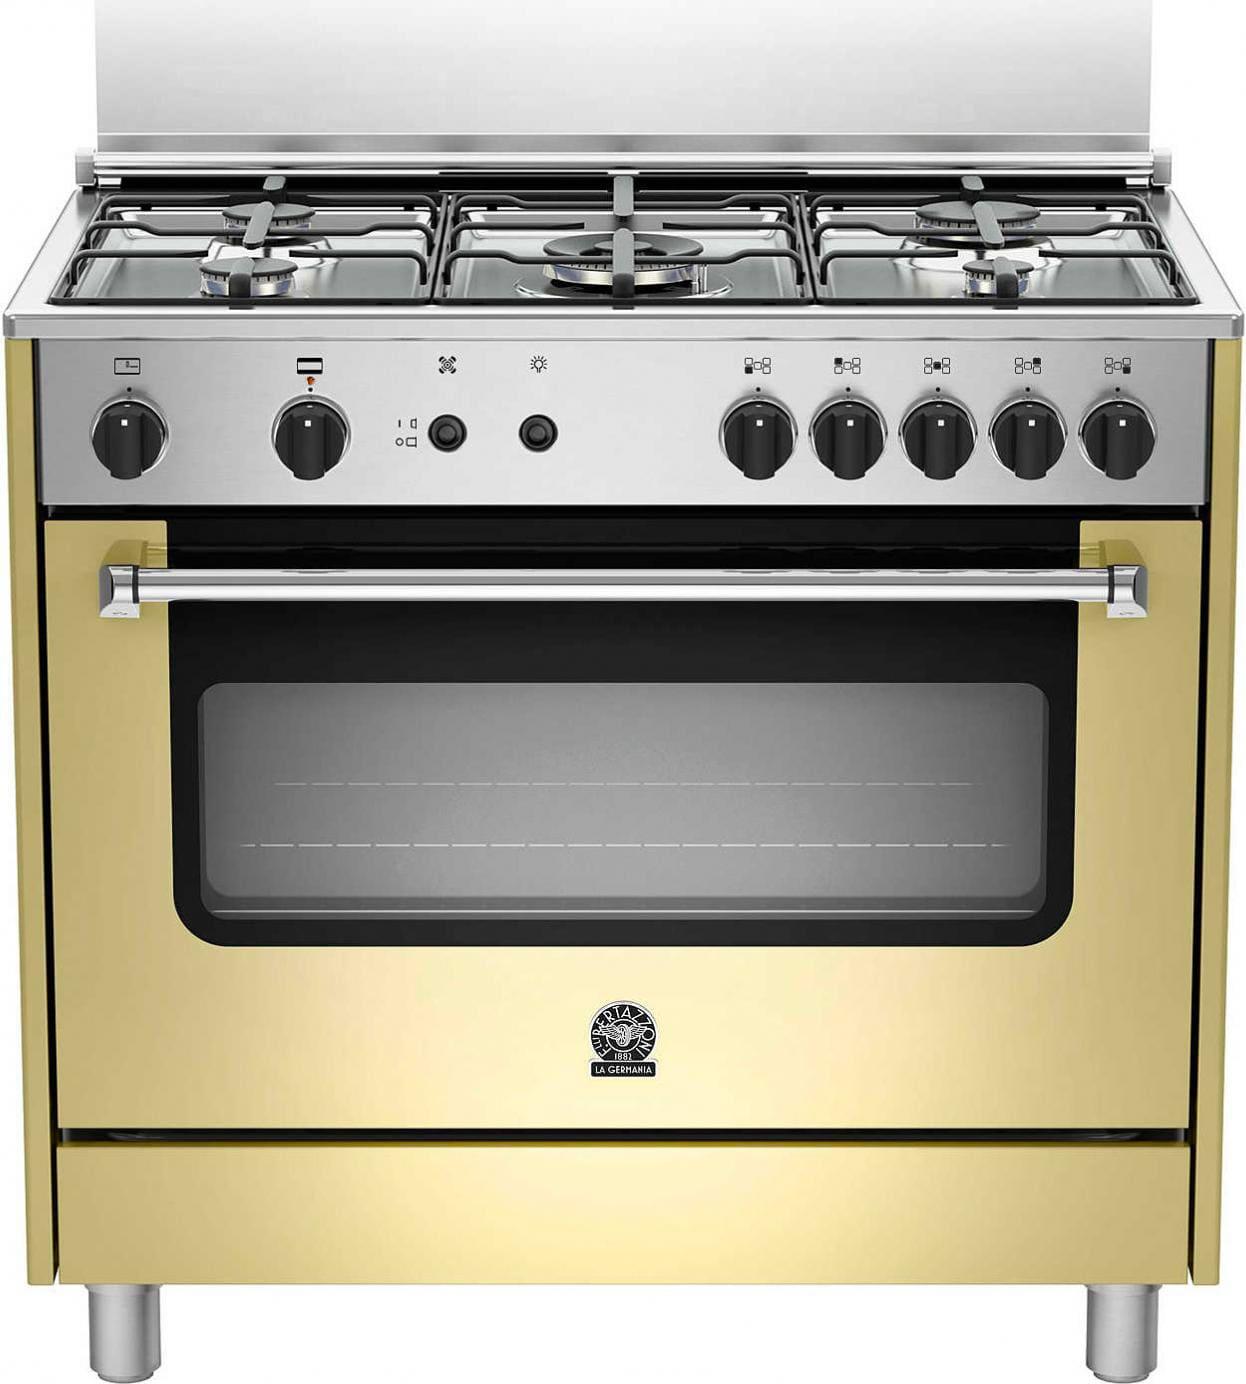 Cucina a gas 5 fuochi la germania forno a gas ventilato - Consumo gas cucina ...